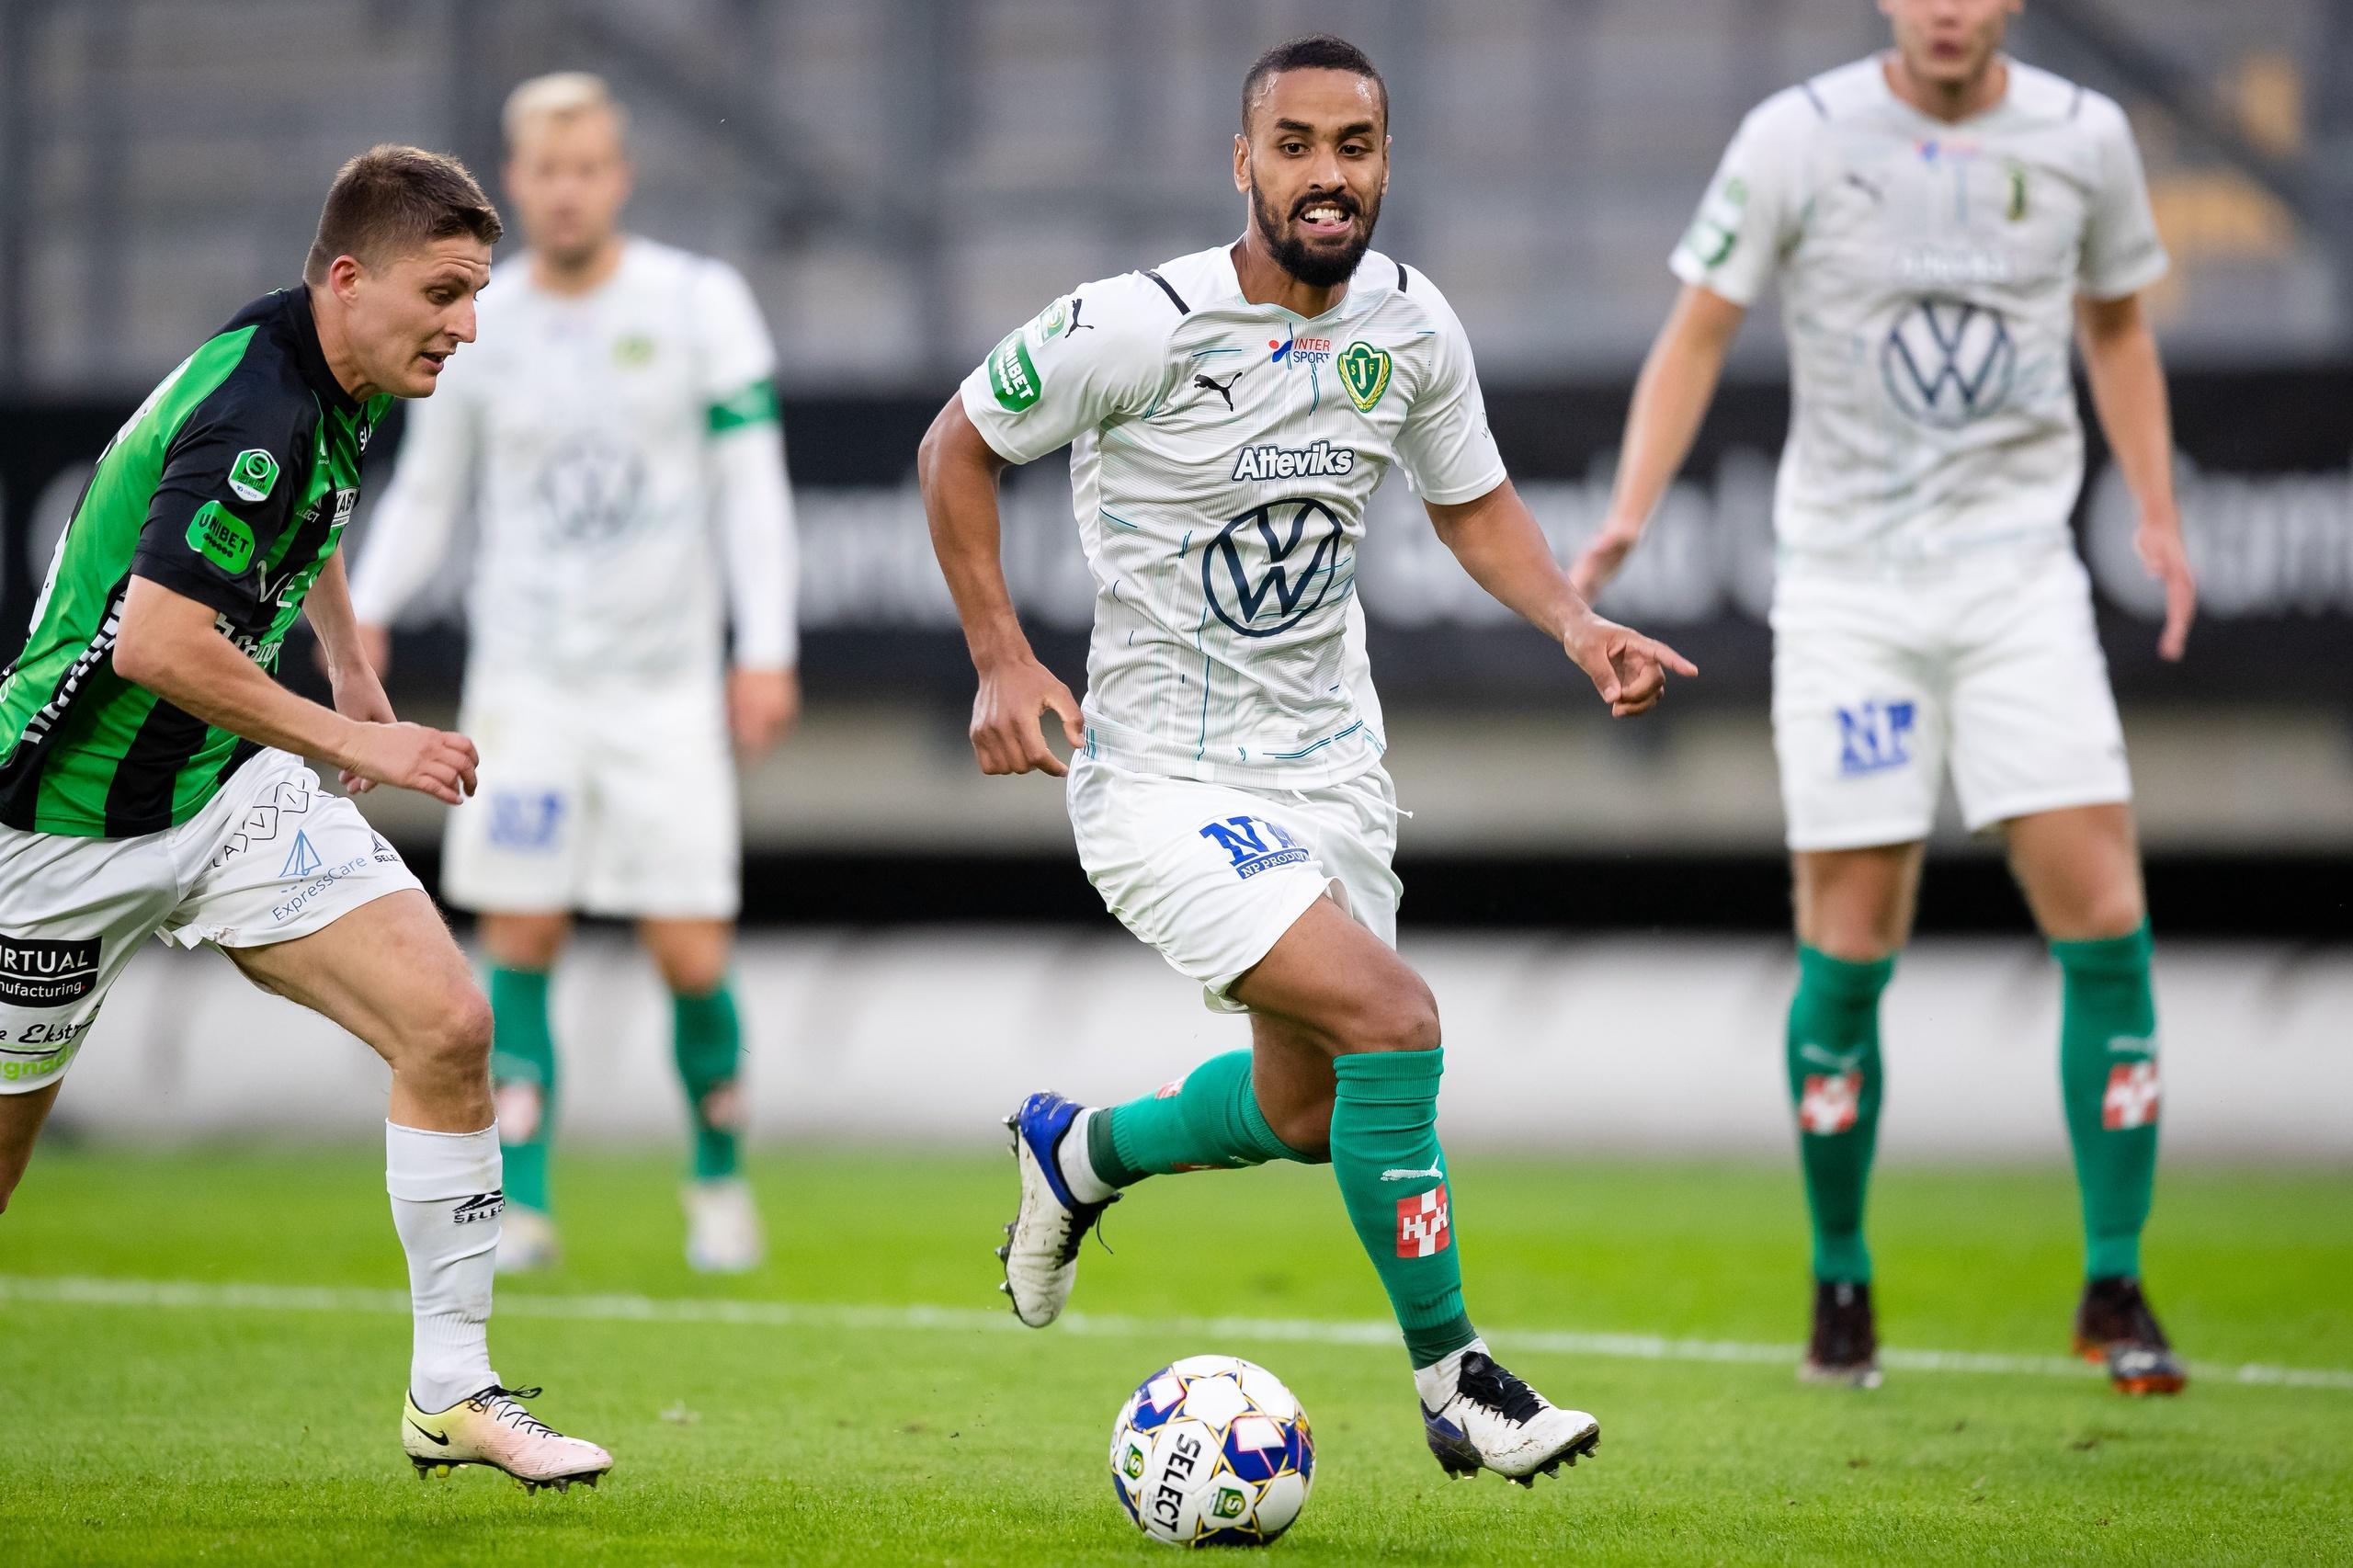 Junes Barny tillbaka i Göteborg – segrade mot Gais